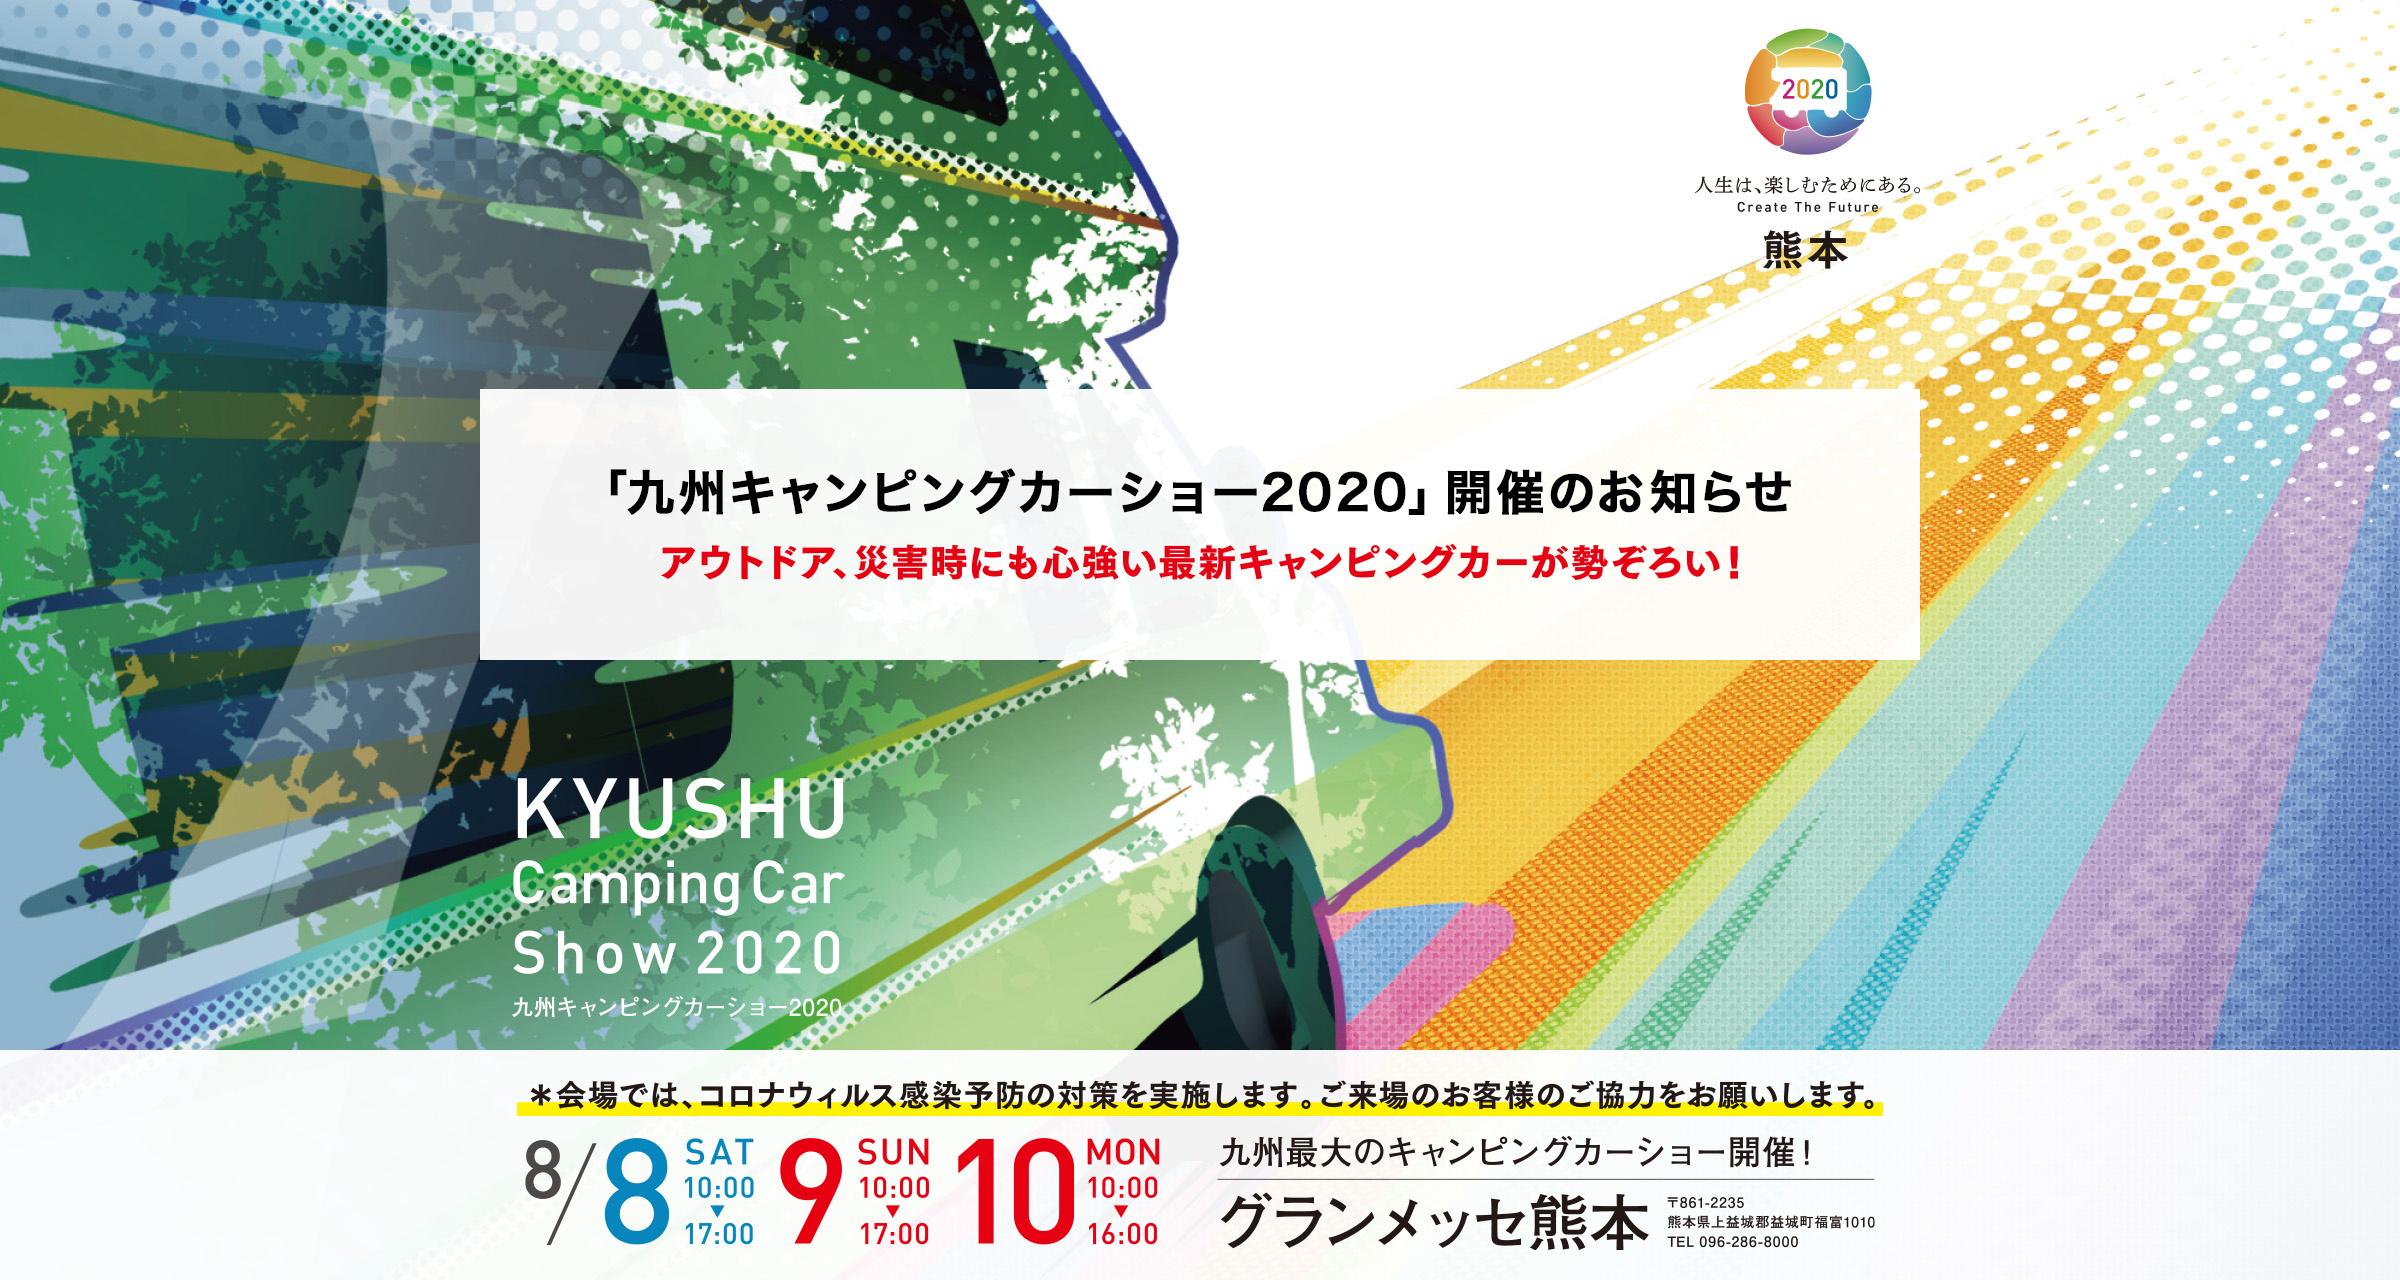 九州キャンピングカーショー 2020